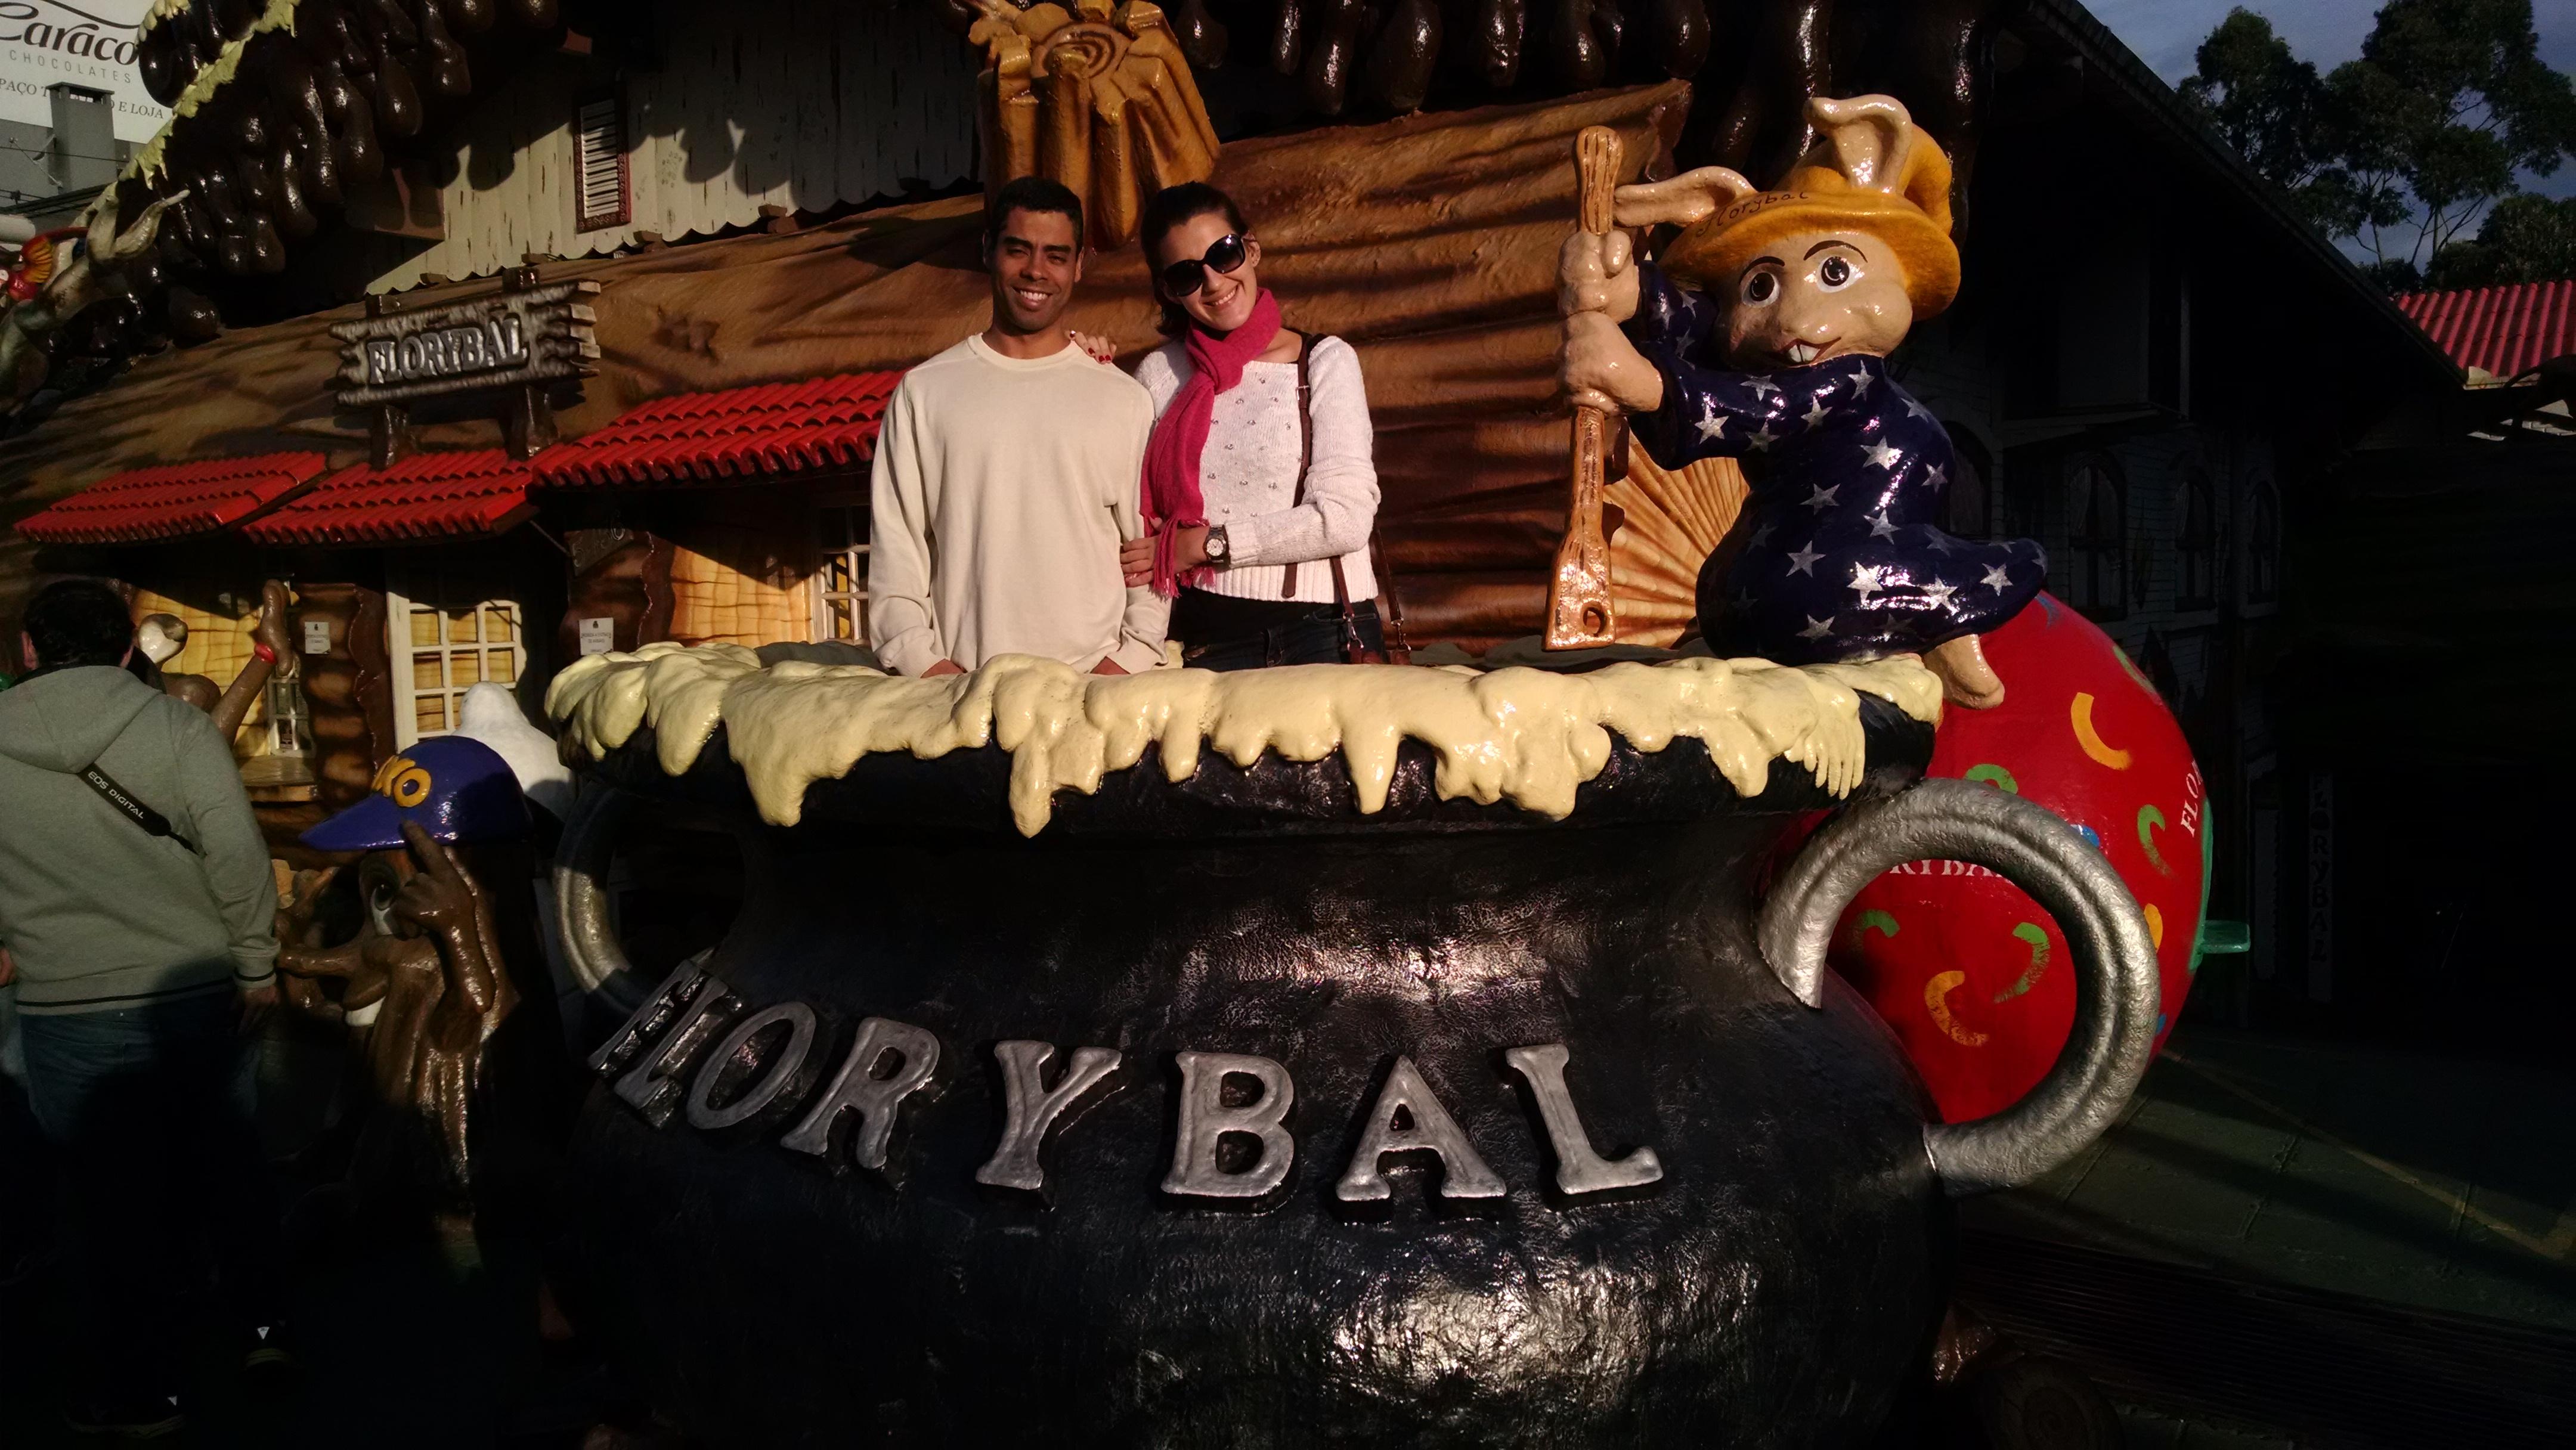 Florybal, fábrica de chocolates em Gramado